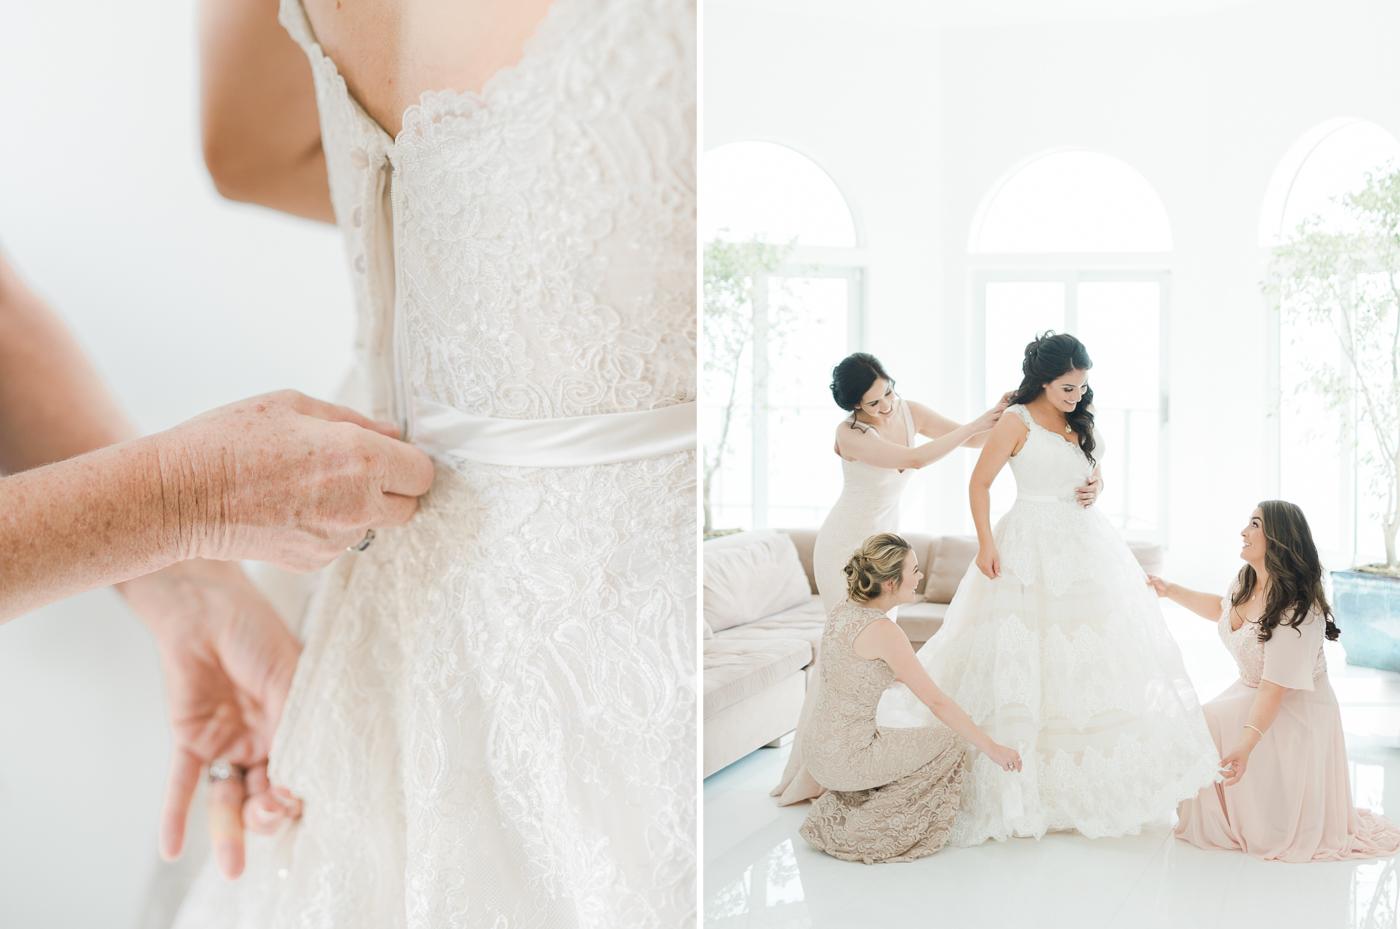 AKP_S&F_Malibu_Wedding_Fine_Art_Photography_Los_Angeles-2_getting_ready.jpg